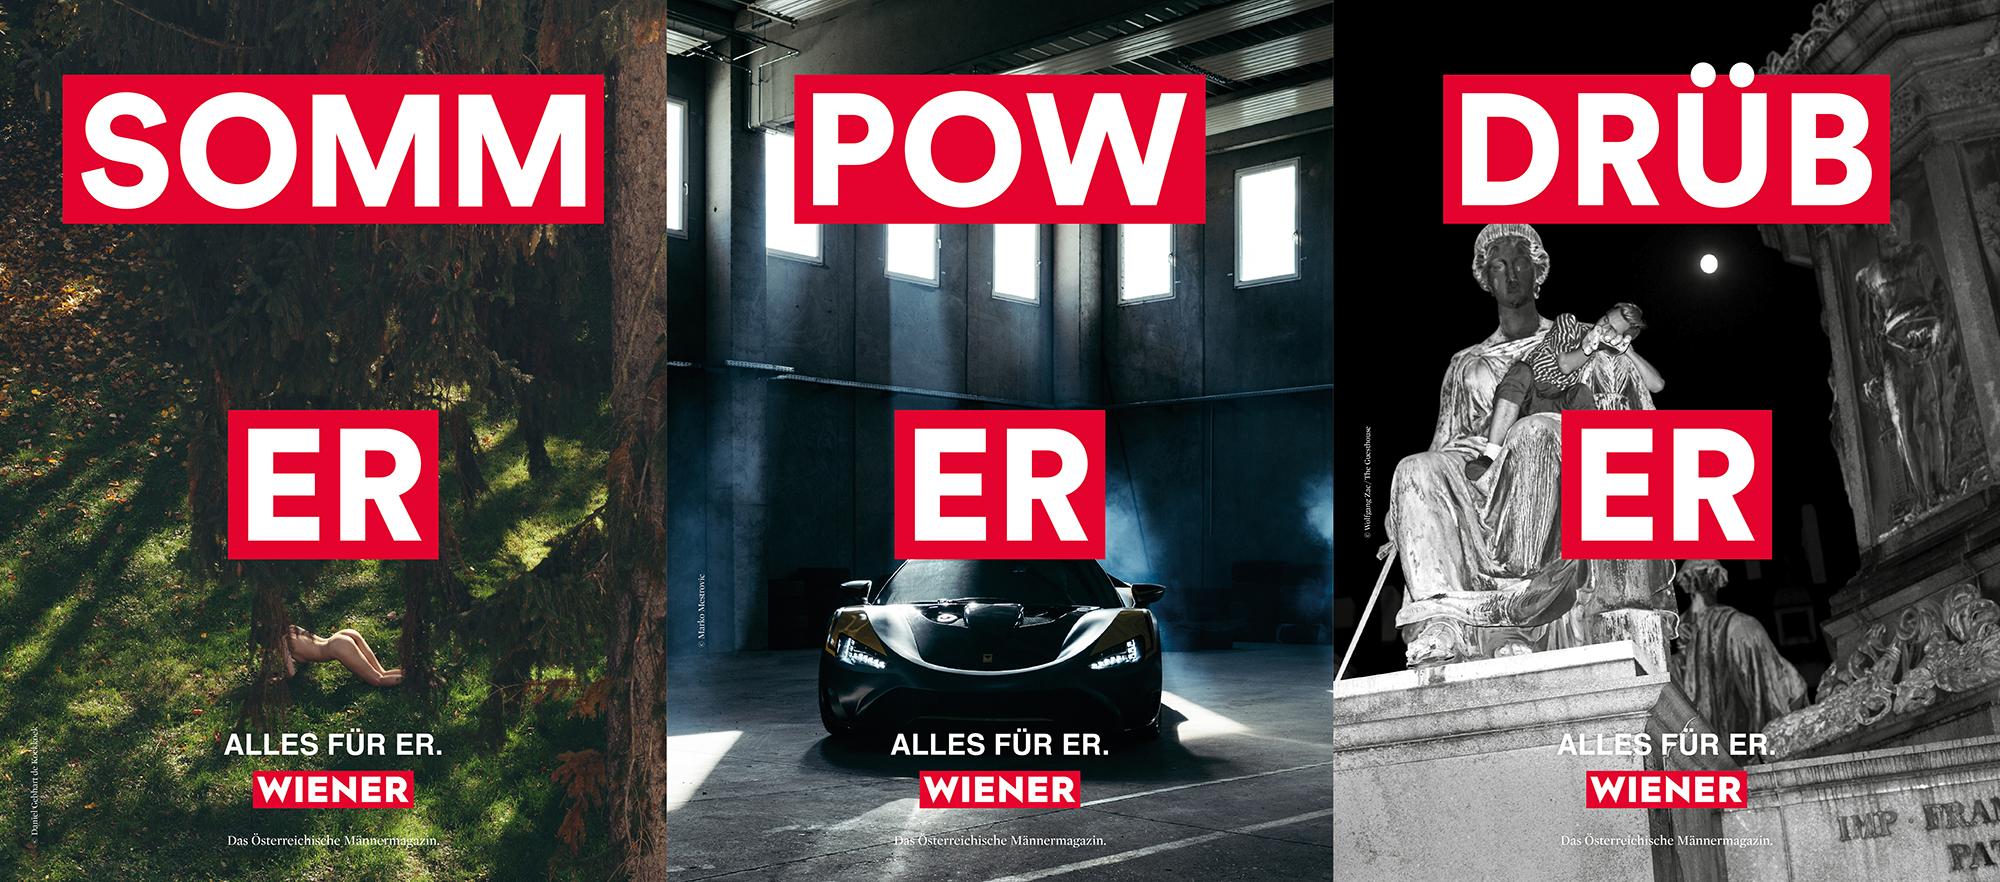 WIENER_AllesfuerER_Print-5